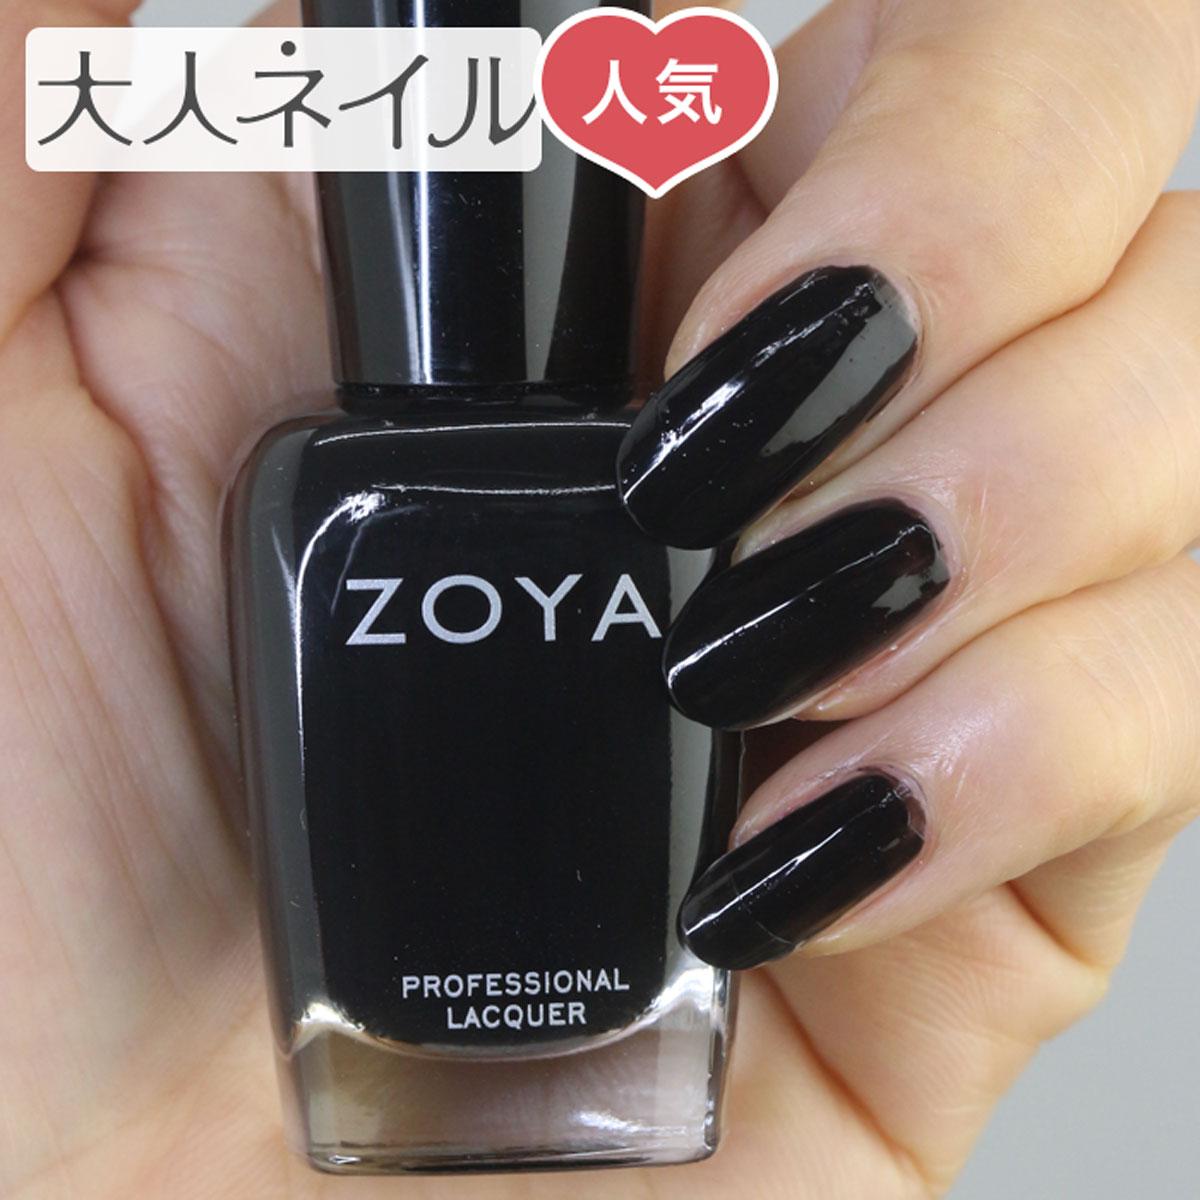 ZOYA ゾーヤ ゾヤ ネイルカラー ZP771 15mL WILLA ウィラ 自爪 の為に作られた ネイル にやさしい 自然派 マニキュア zoya セルフネイル にもおすすめ ブラック 黒 人気 トップ5